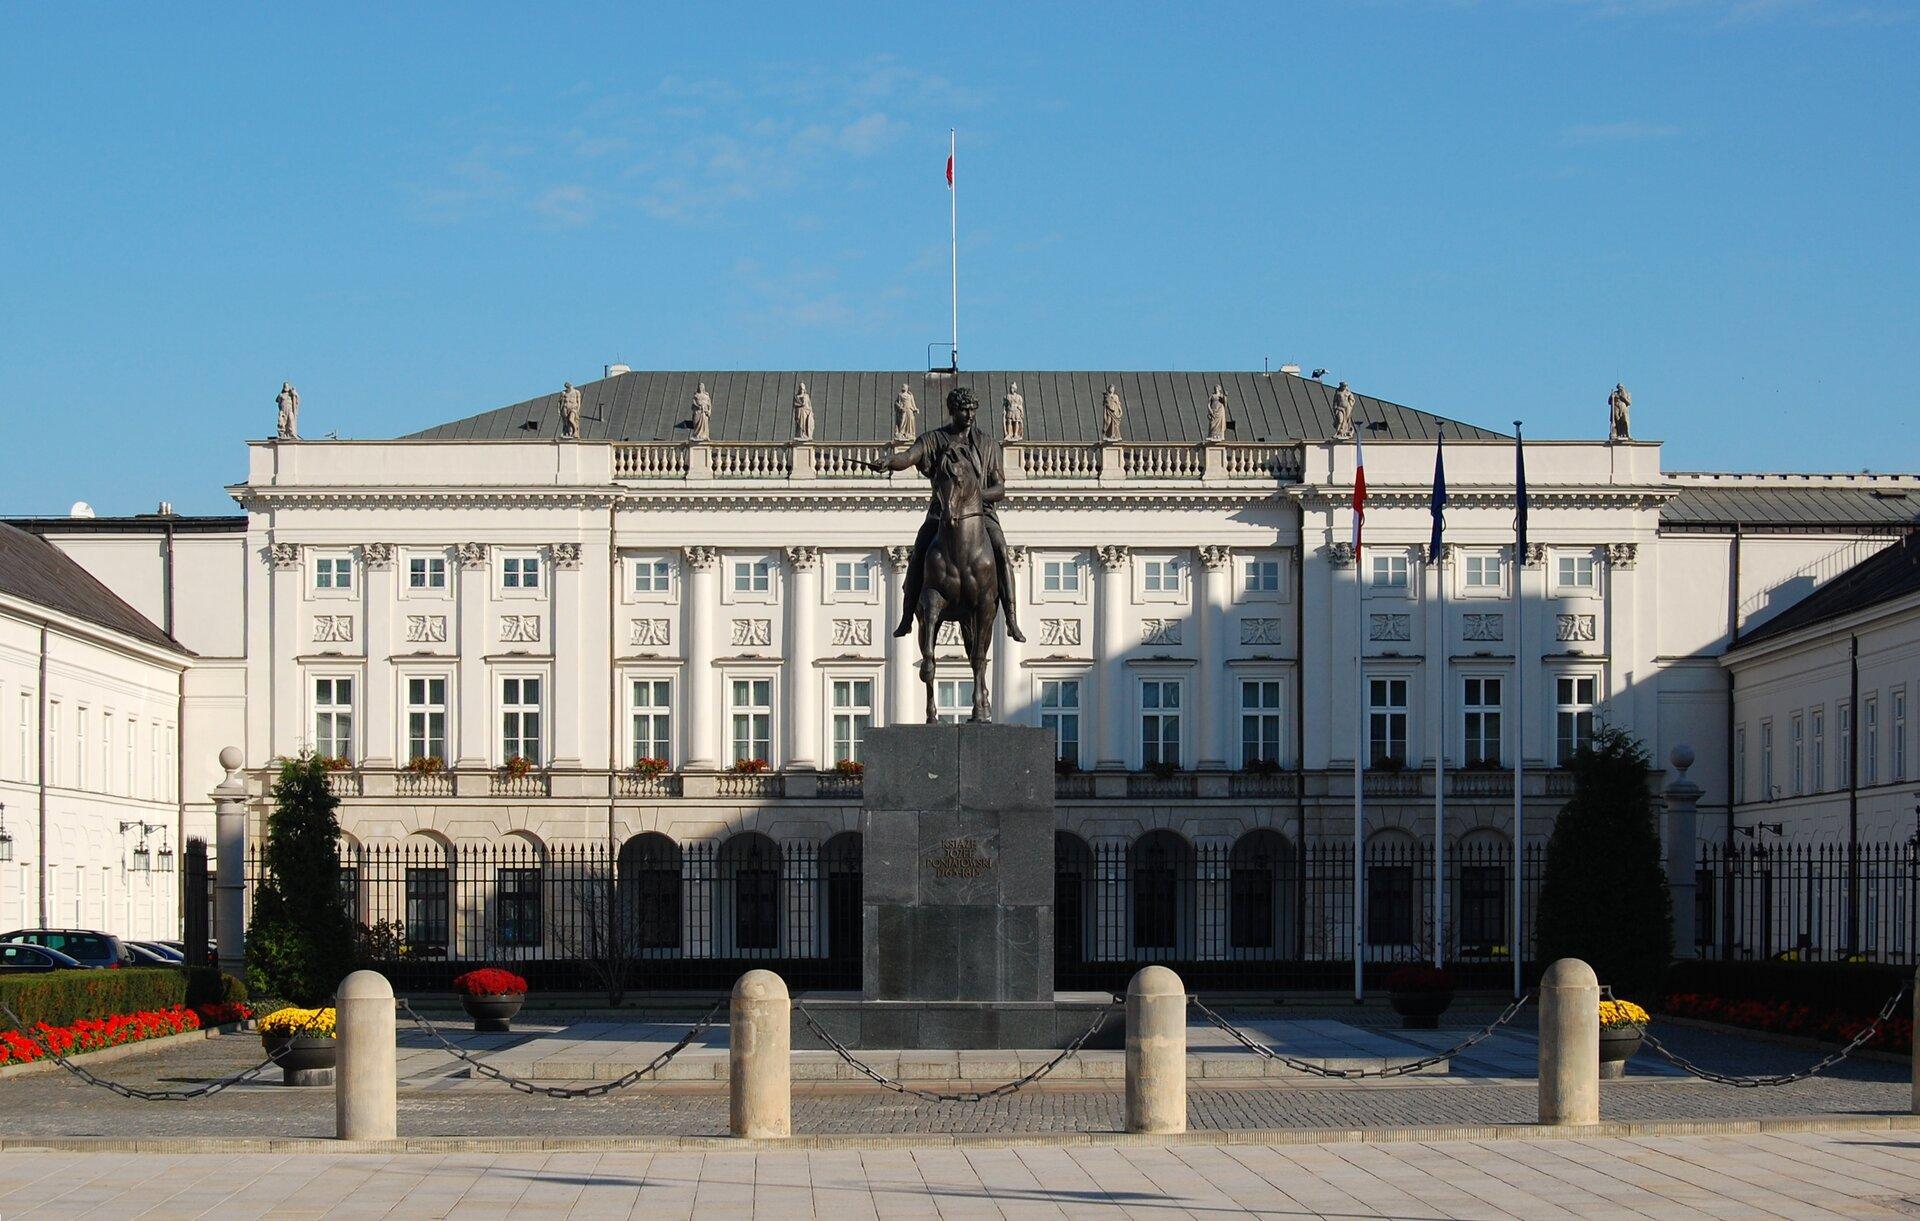 Pałac Prezydencki Pałac Prezydencki Źródło: Marcin Białek, licencja: CC BY 4.0.